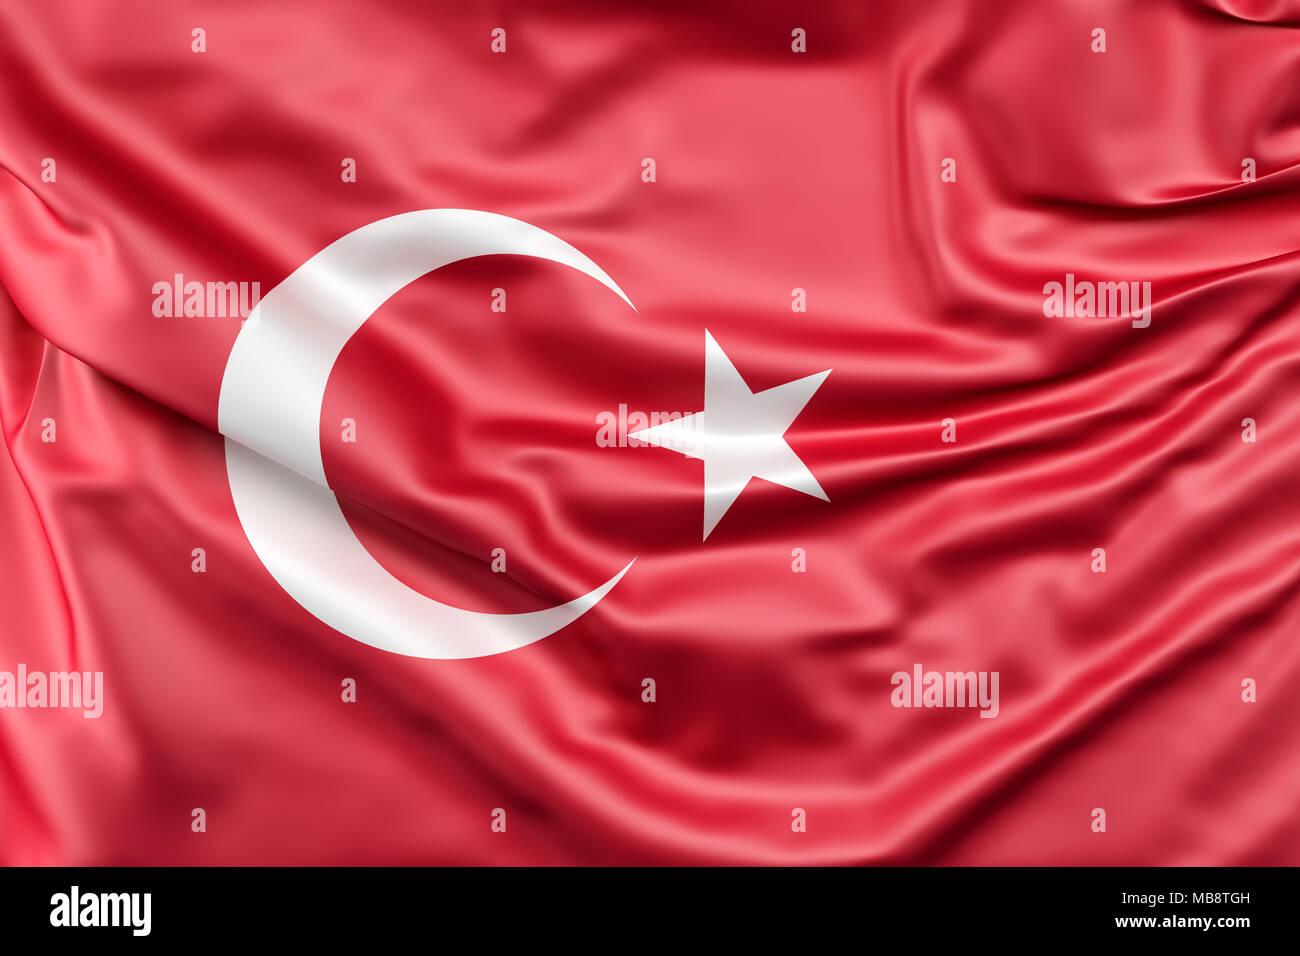 Ziemlich Türkei Flagge Färbung Seite Ideen - Druckbare Malvorlagen ...